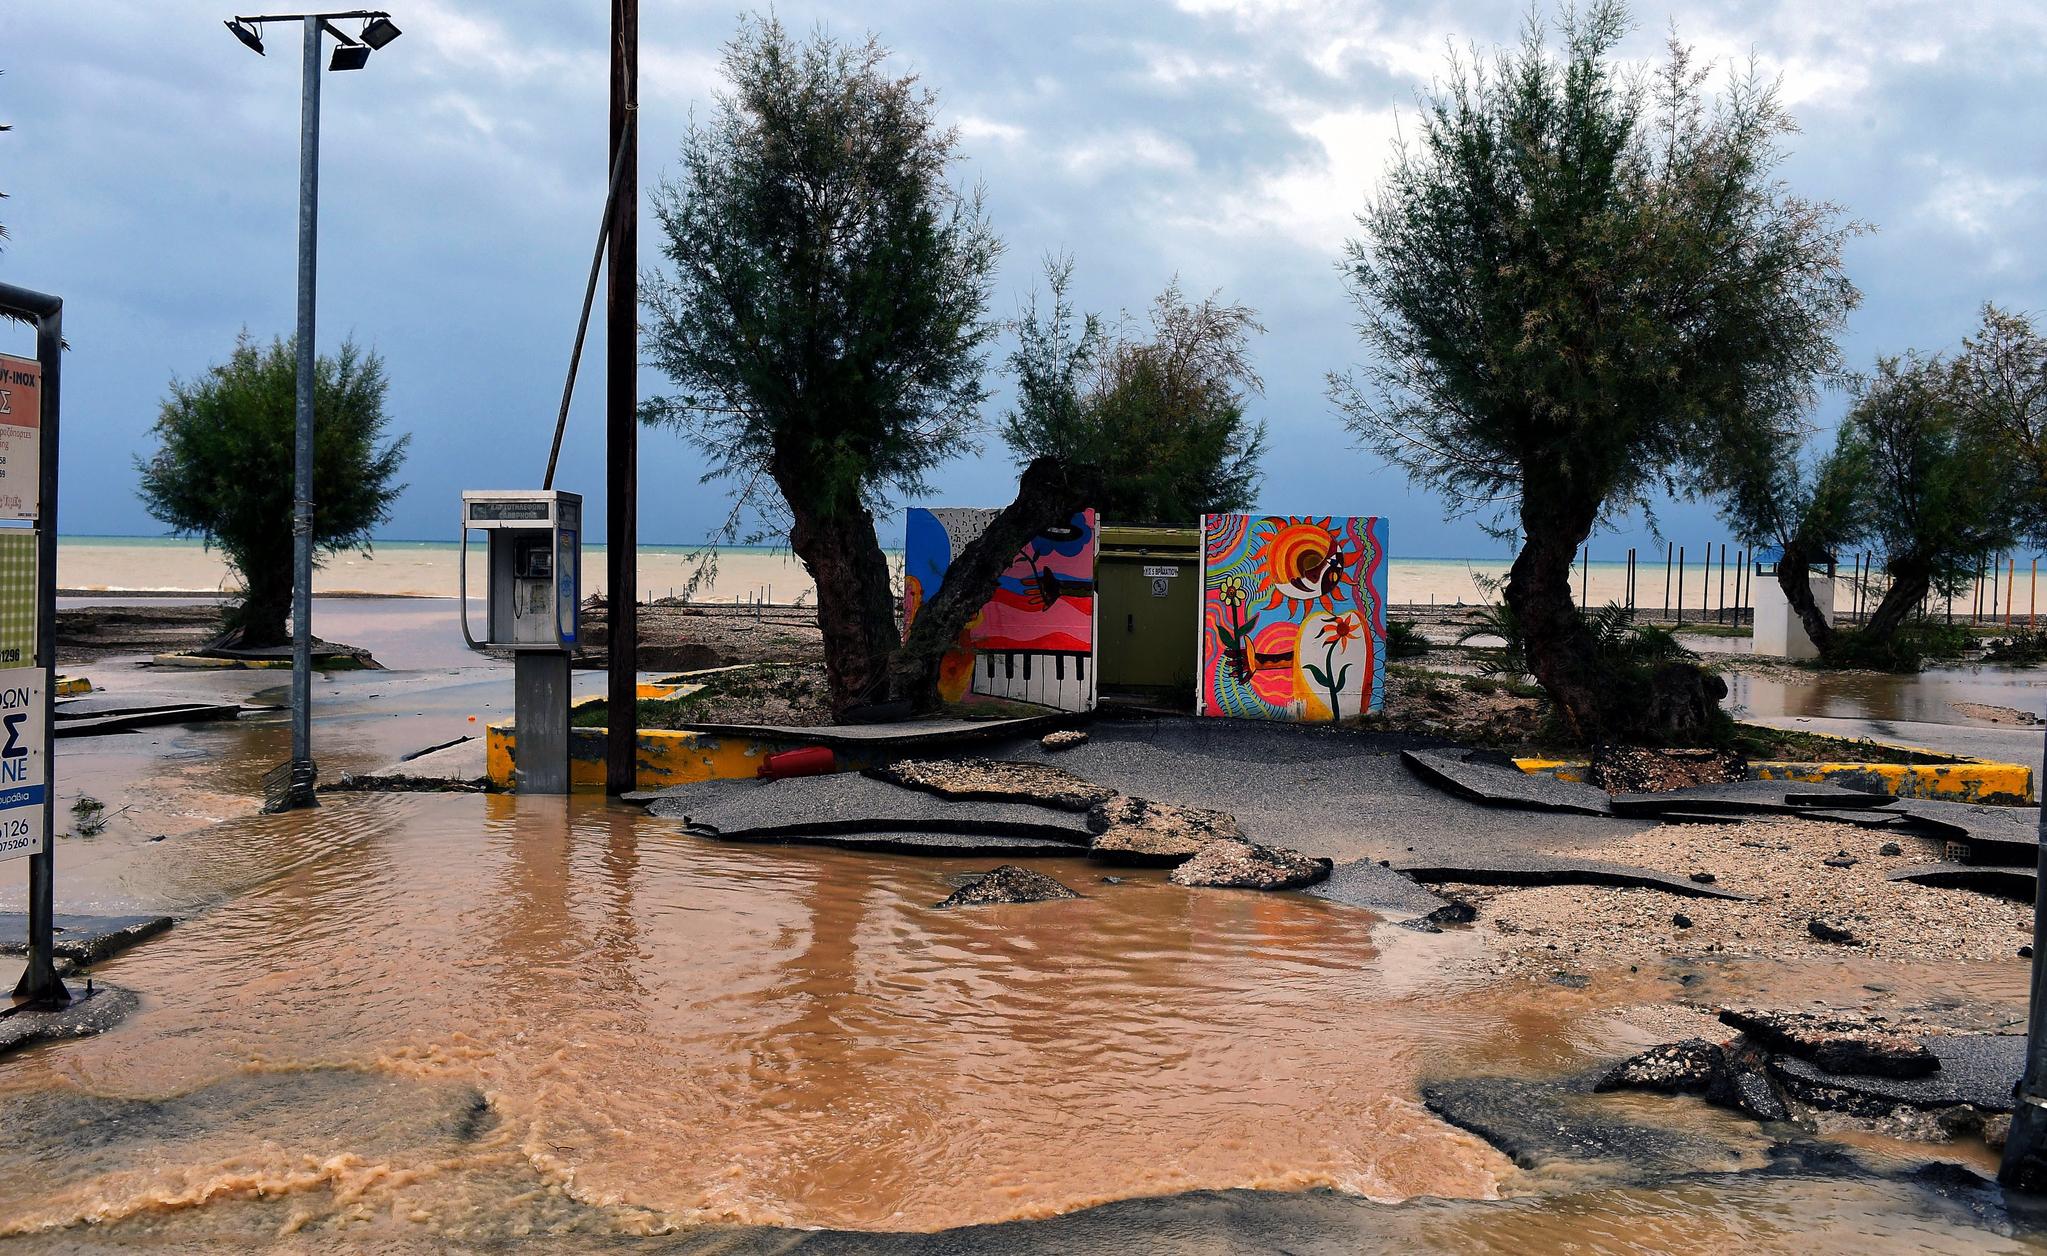 그리스가 태풍 '조르바'로 인해 큰 피해를 입었다. 동부 펠로폰네소스 반도 코린트의 한 마을이 폭우로 파괴되었다. [EPA=연합뉴스]